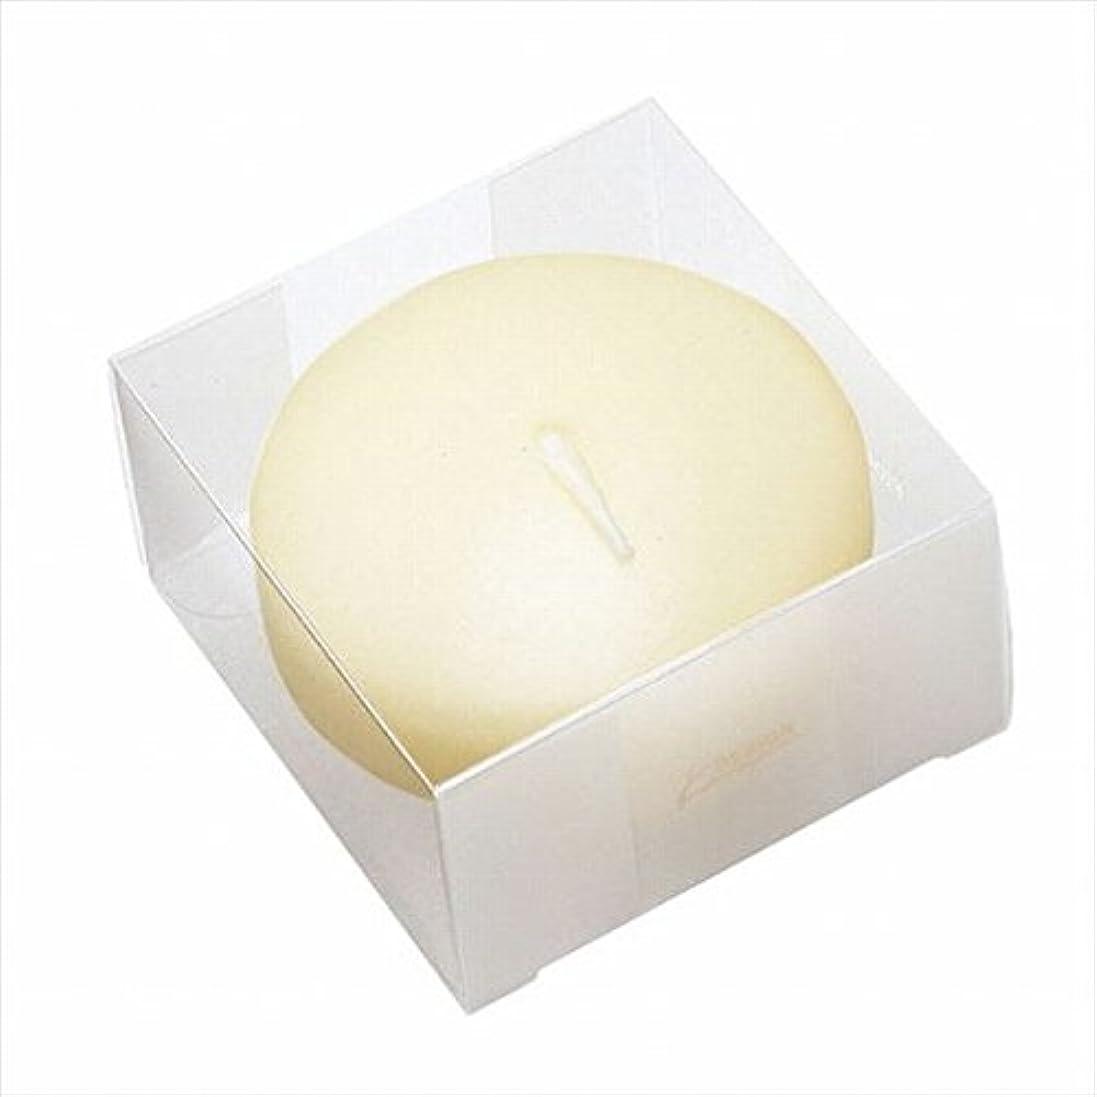 サミュエルまもなくインスタントカメヤマキャンドル(kameyama candle) プール80(箱入り) 「 アイボリー 」